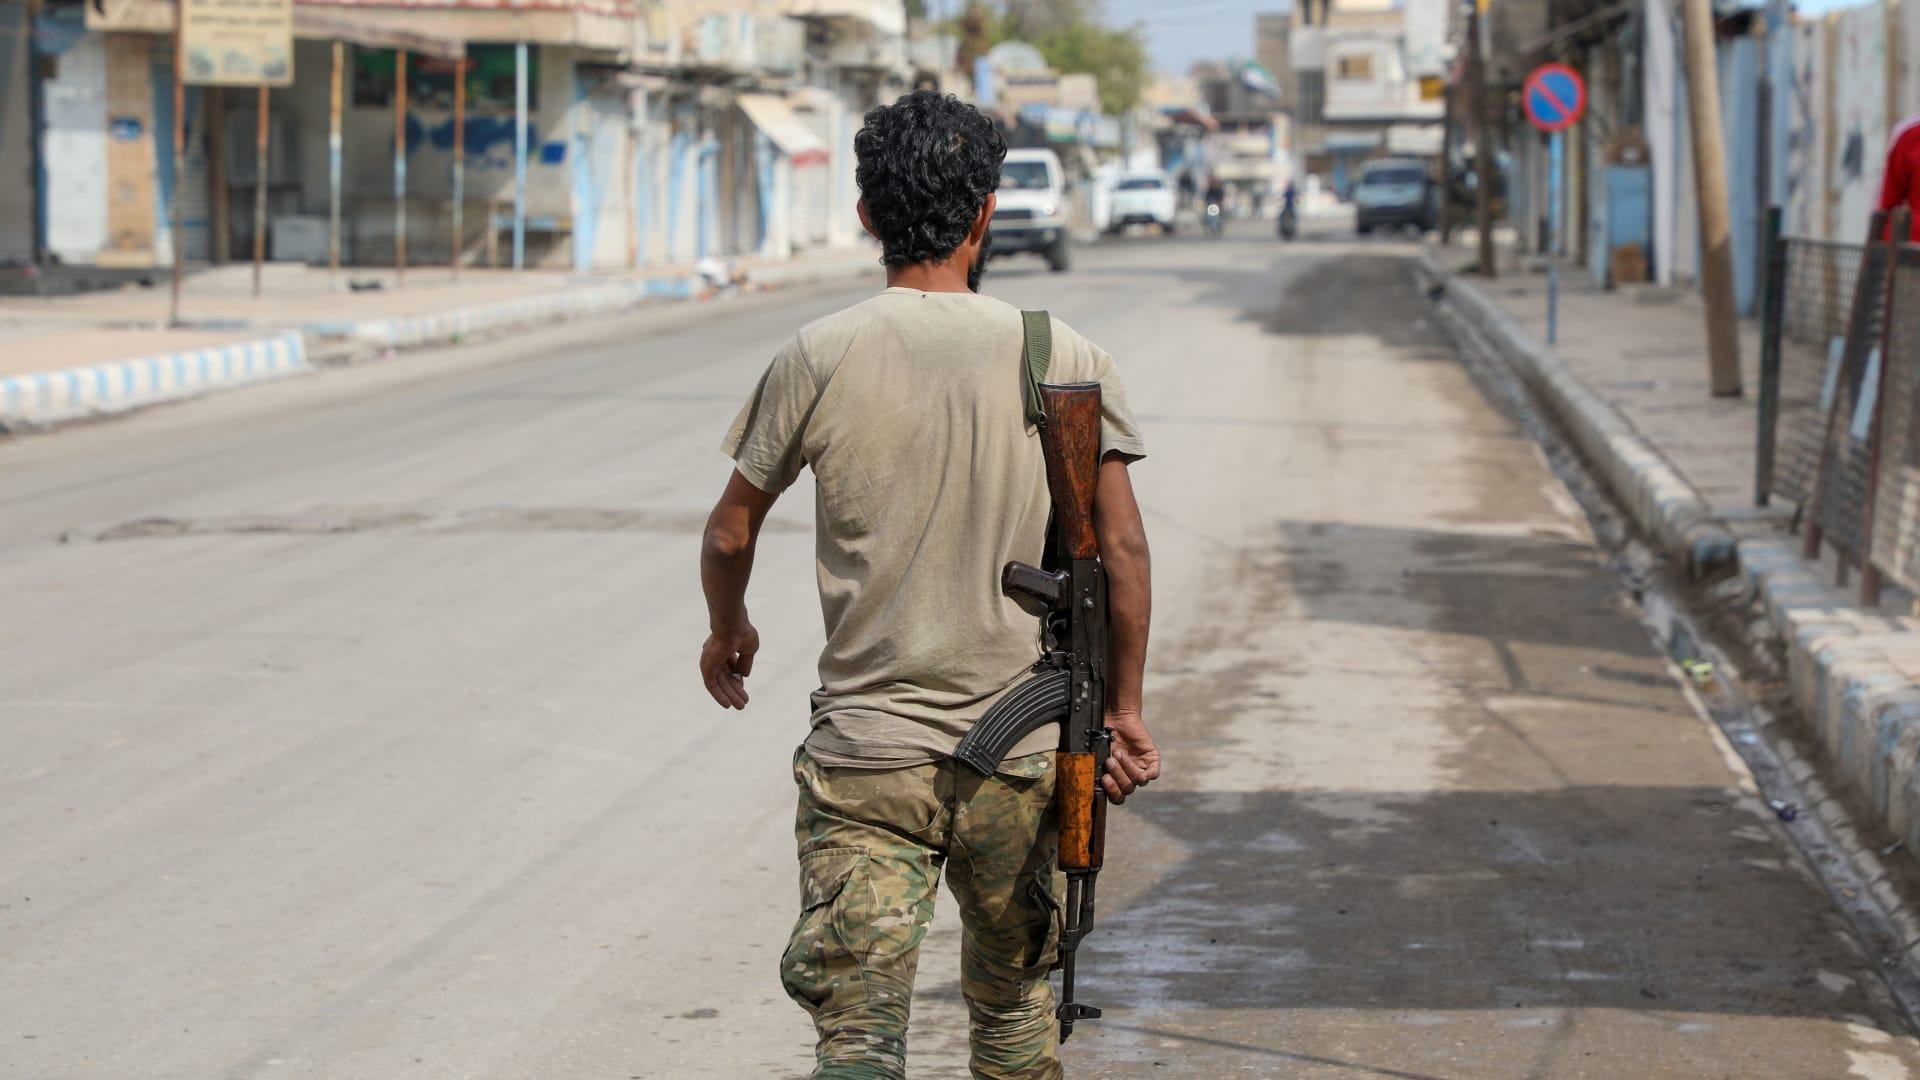 انفجار يستهدف مدينة تل أبيض السورية يودي بحياة 10 مدنيين